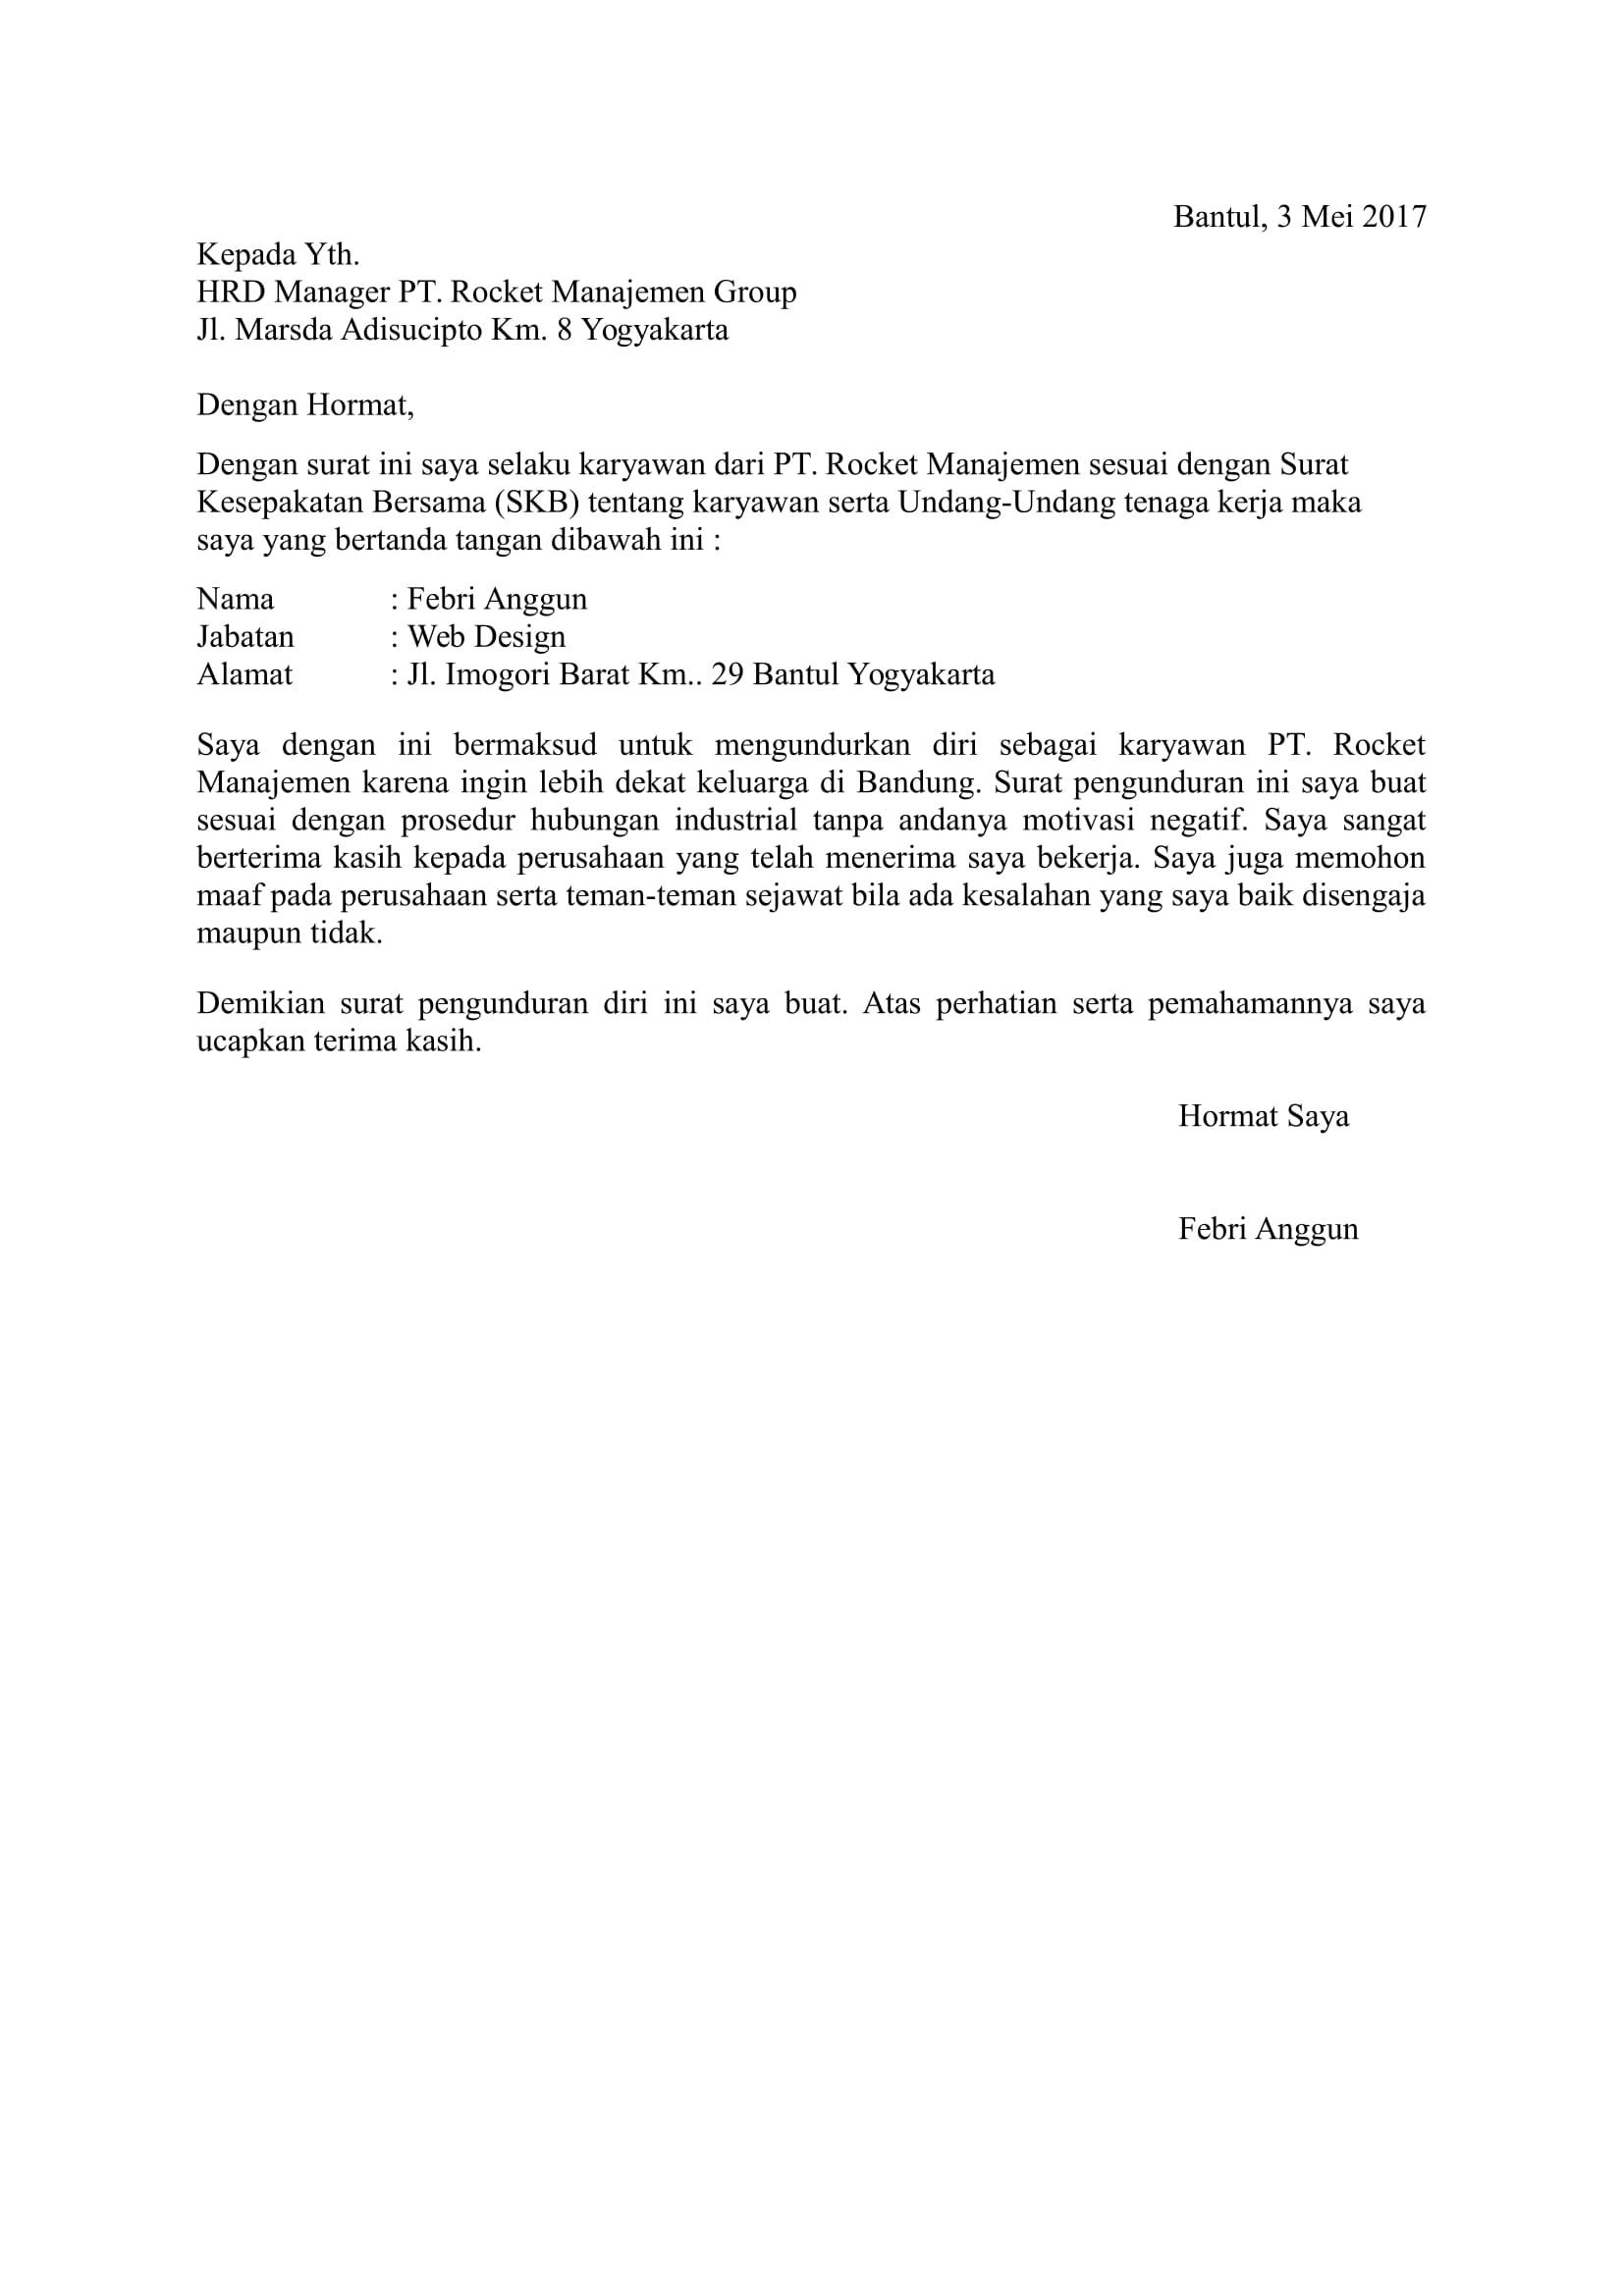 Download 11 Contoh Surat Pengunduran Diri atau Resign .DOC